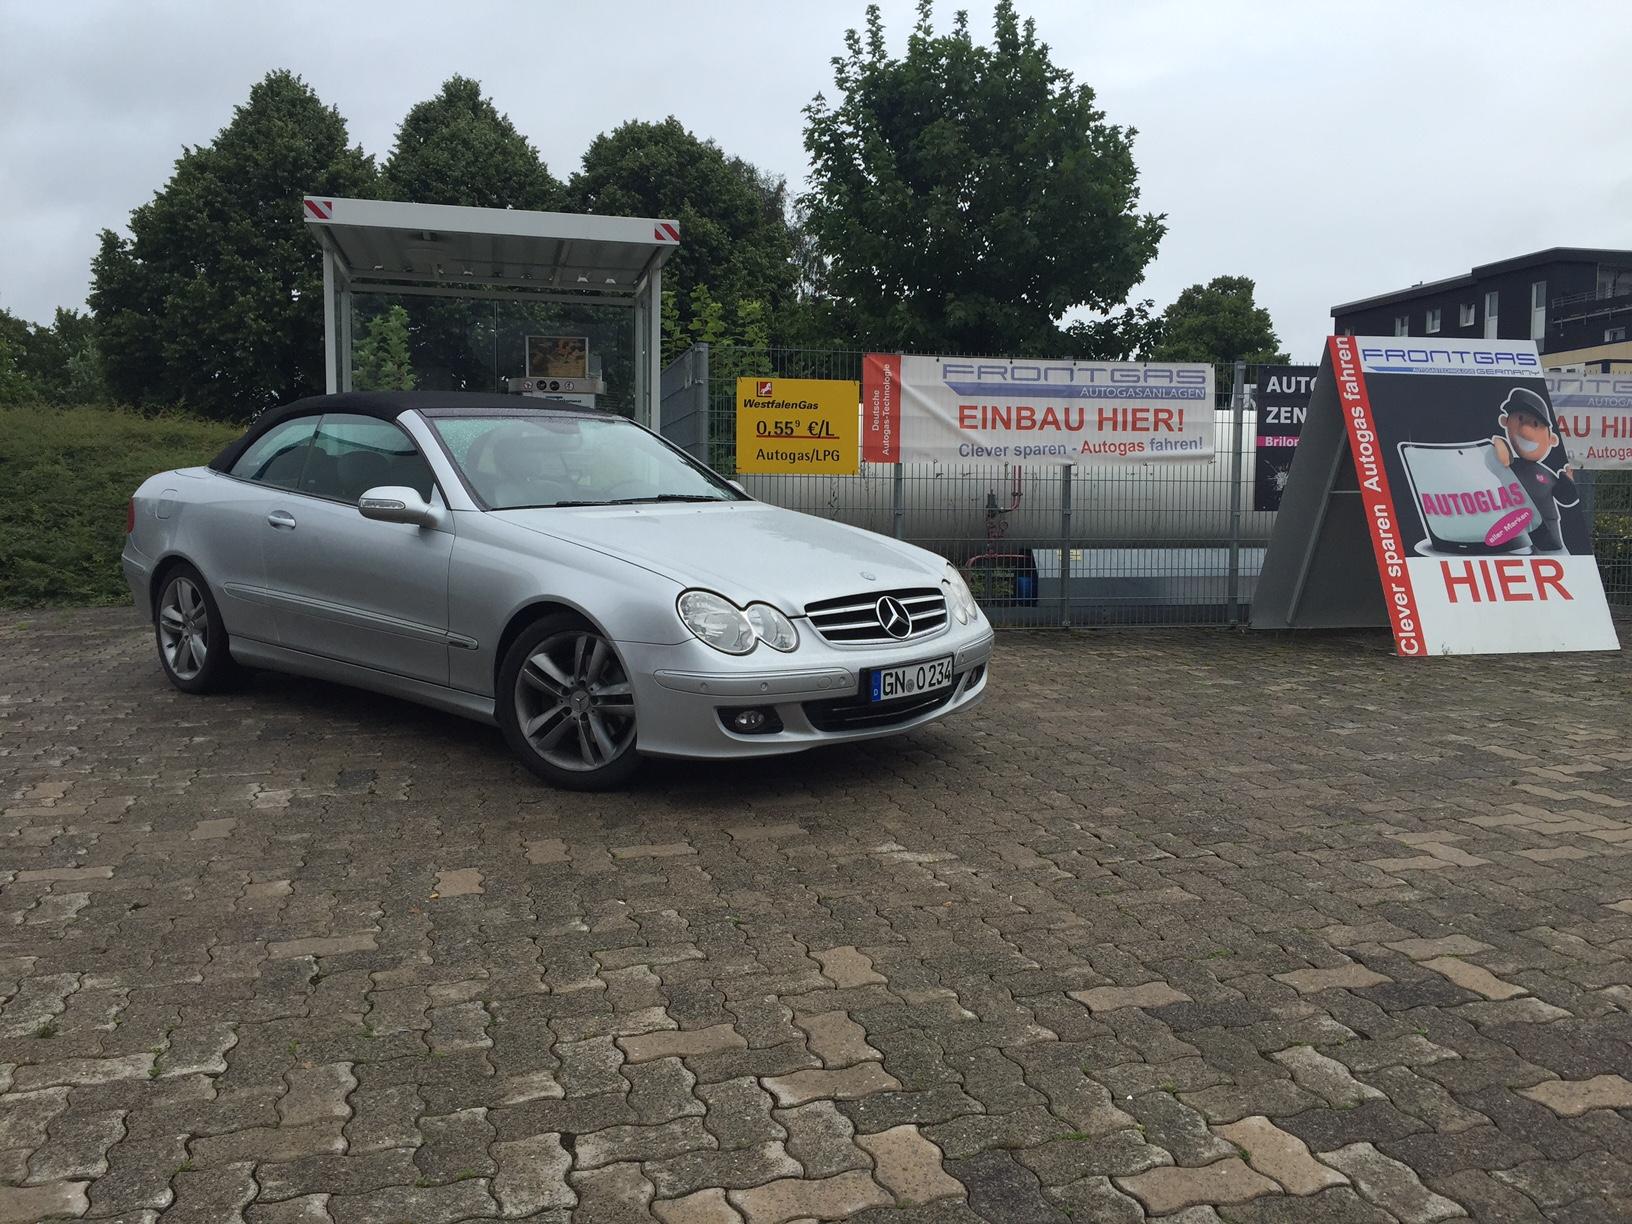 autogas_umruesstung-auf-lpg-autogas-mercedes-clk200-w209-hauptbild